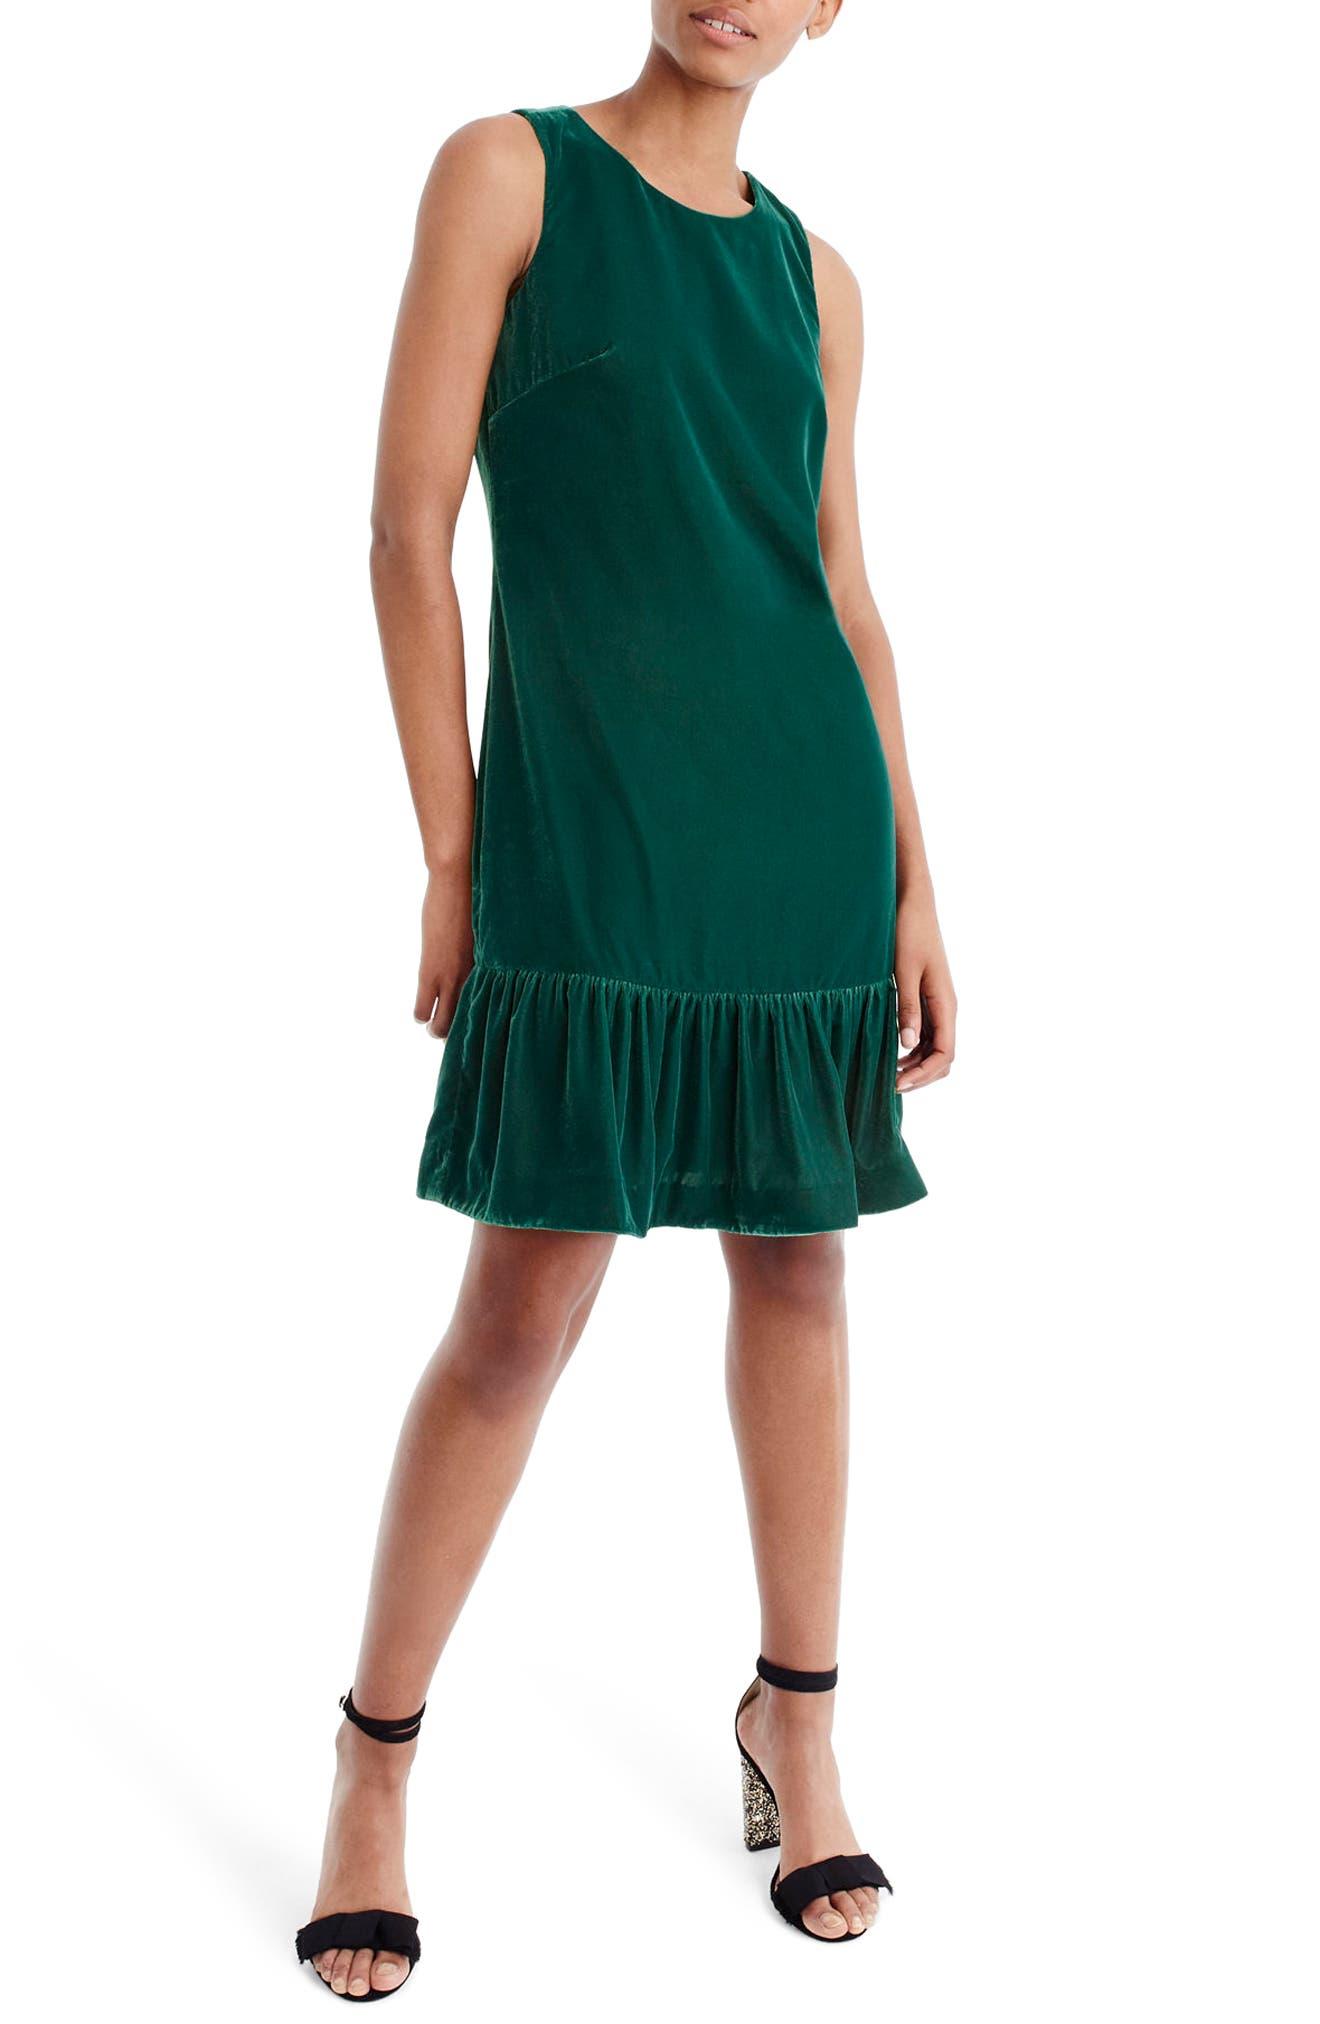 Alternate Image 1 Selected - J.Crew Velvet Ruffle Hem Dress (Regular & Petite)